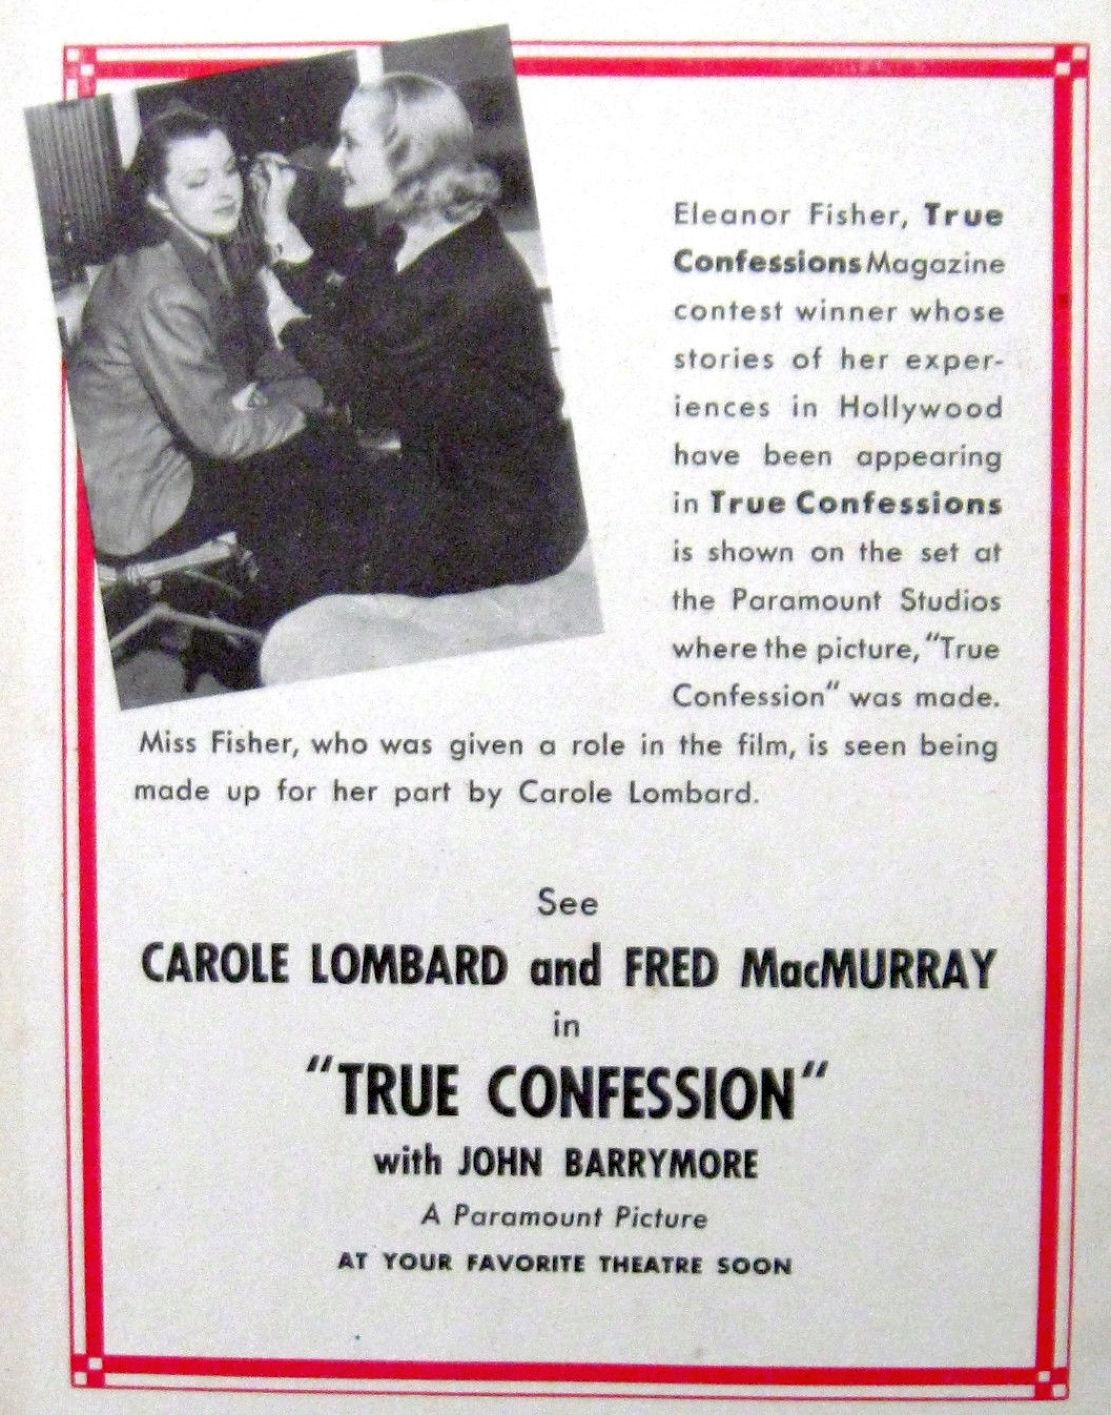 carole lombard true confession true confessions 04a